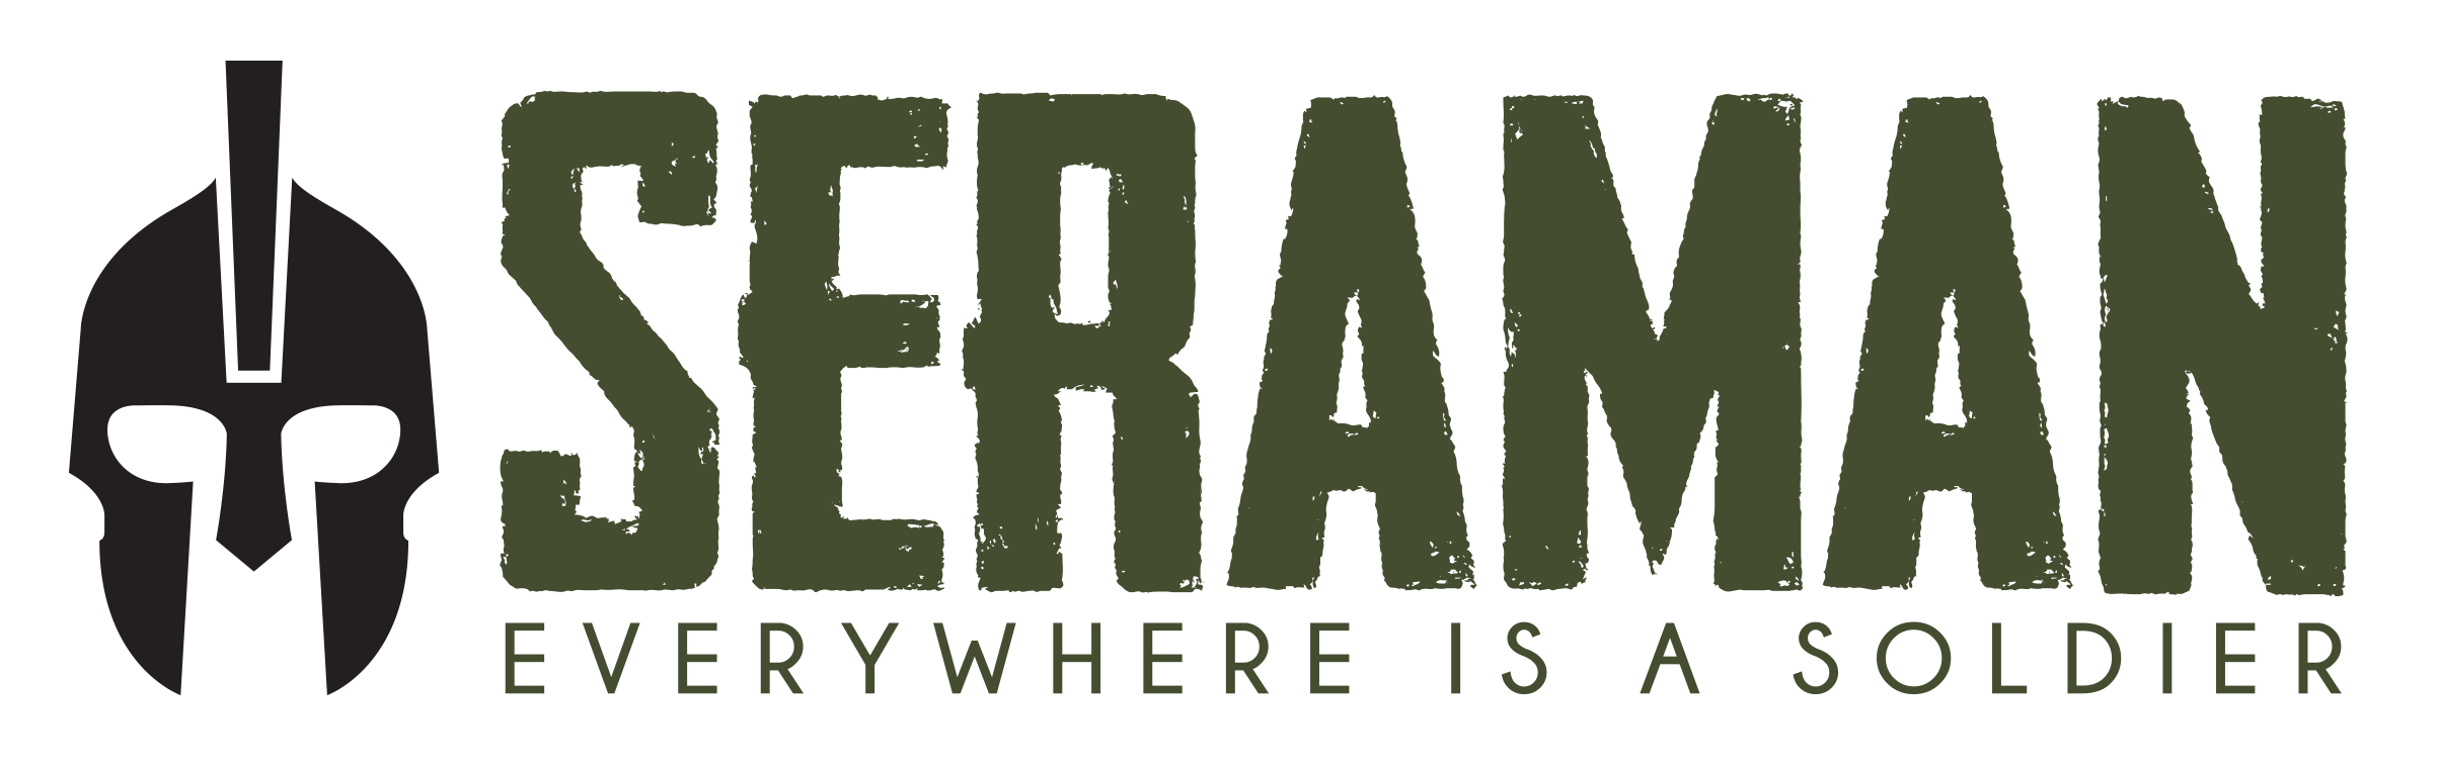 about_us_seraman.jpg